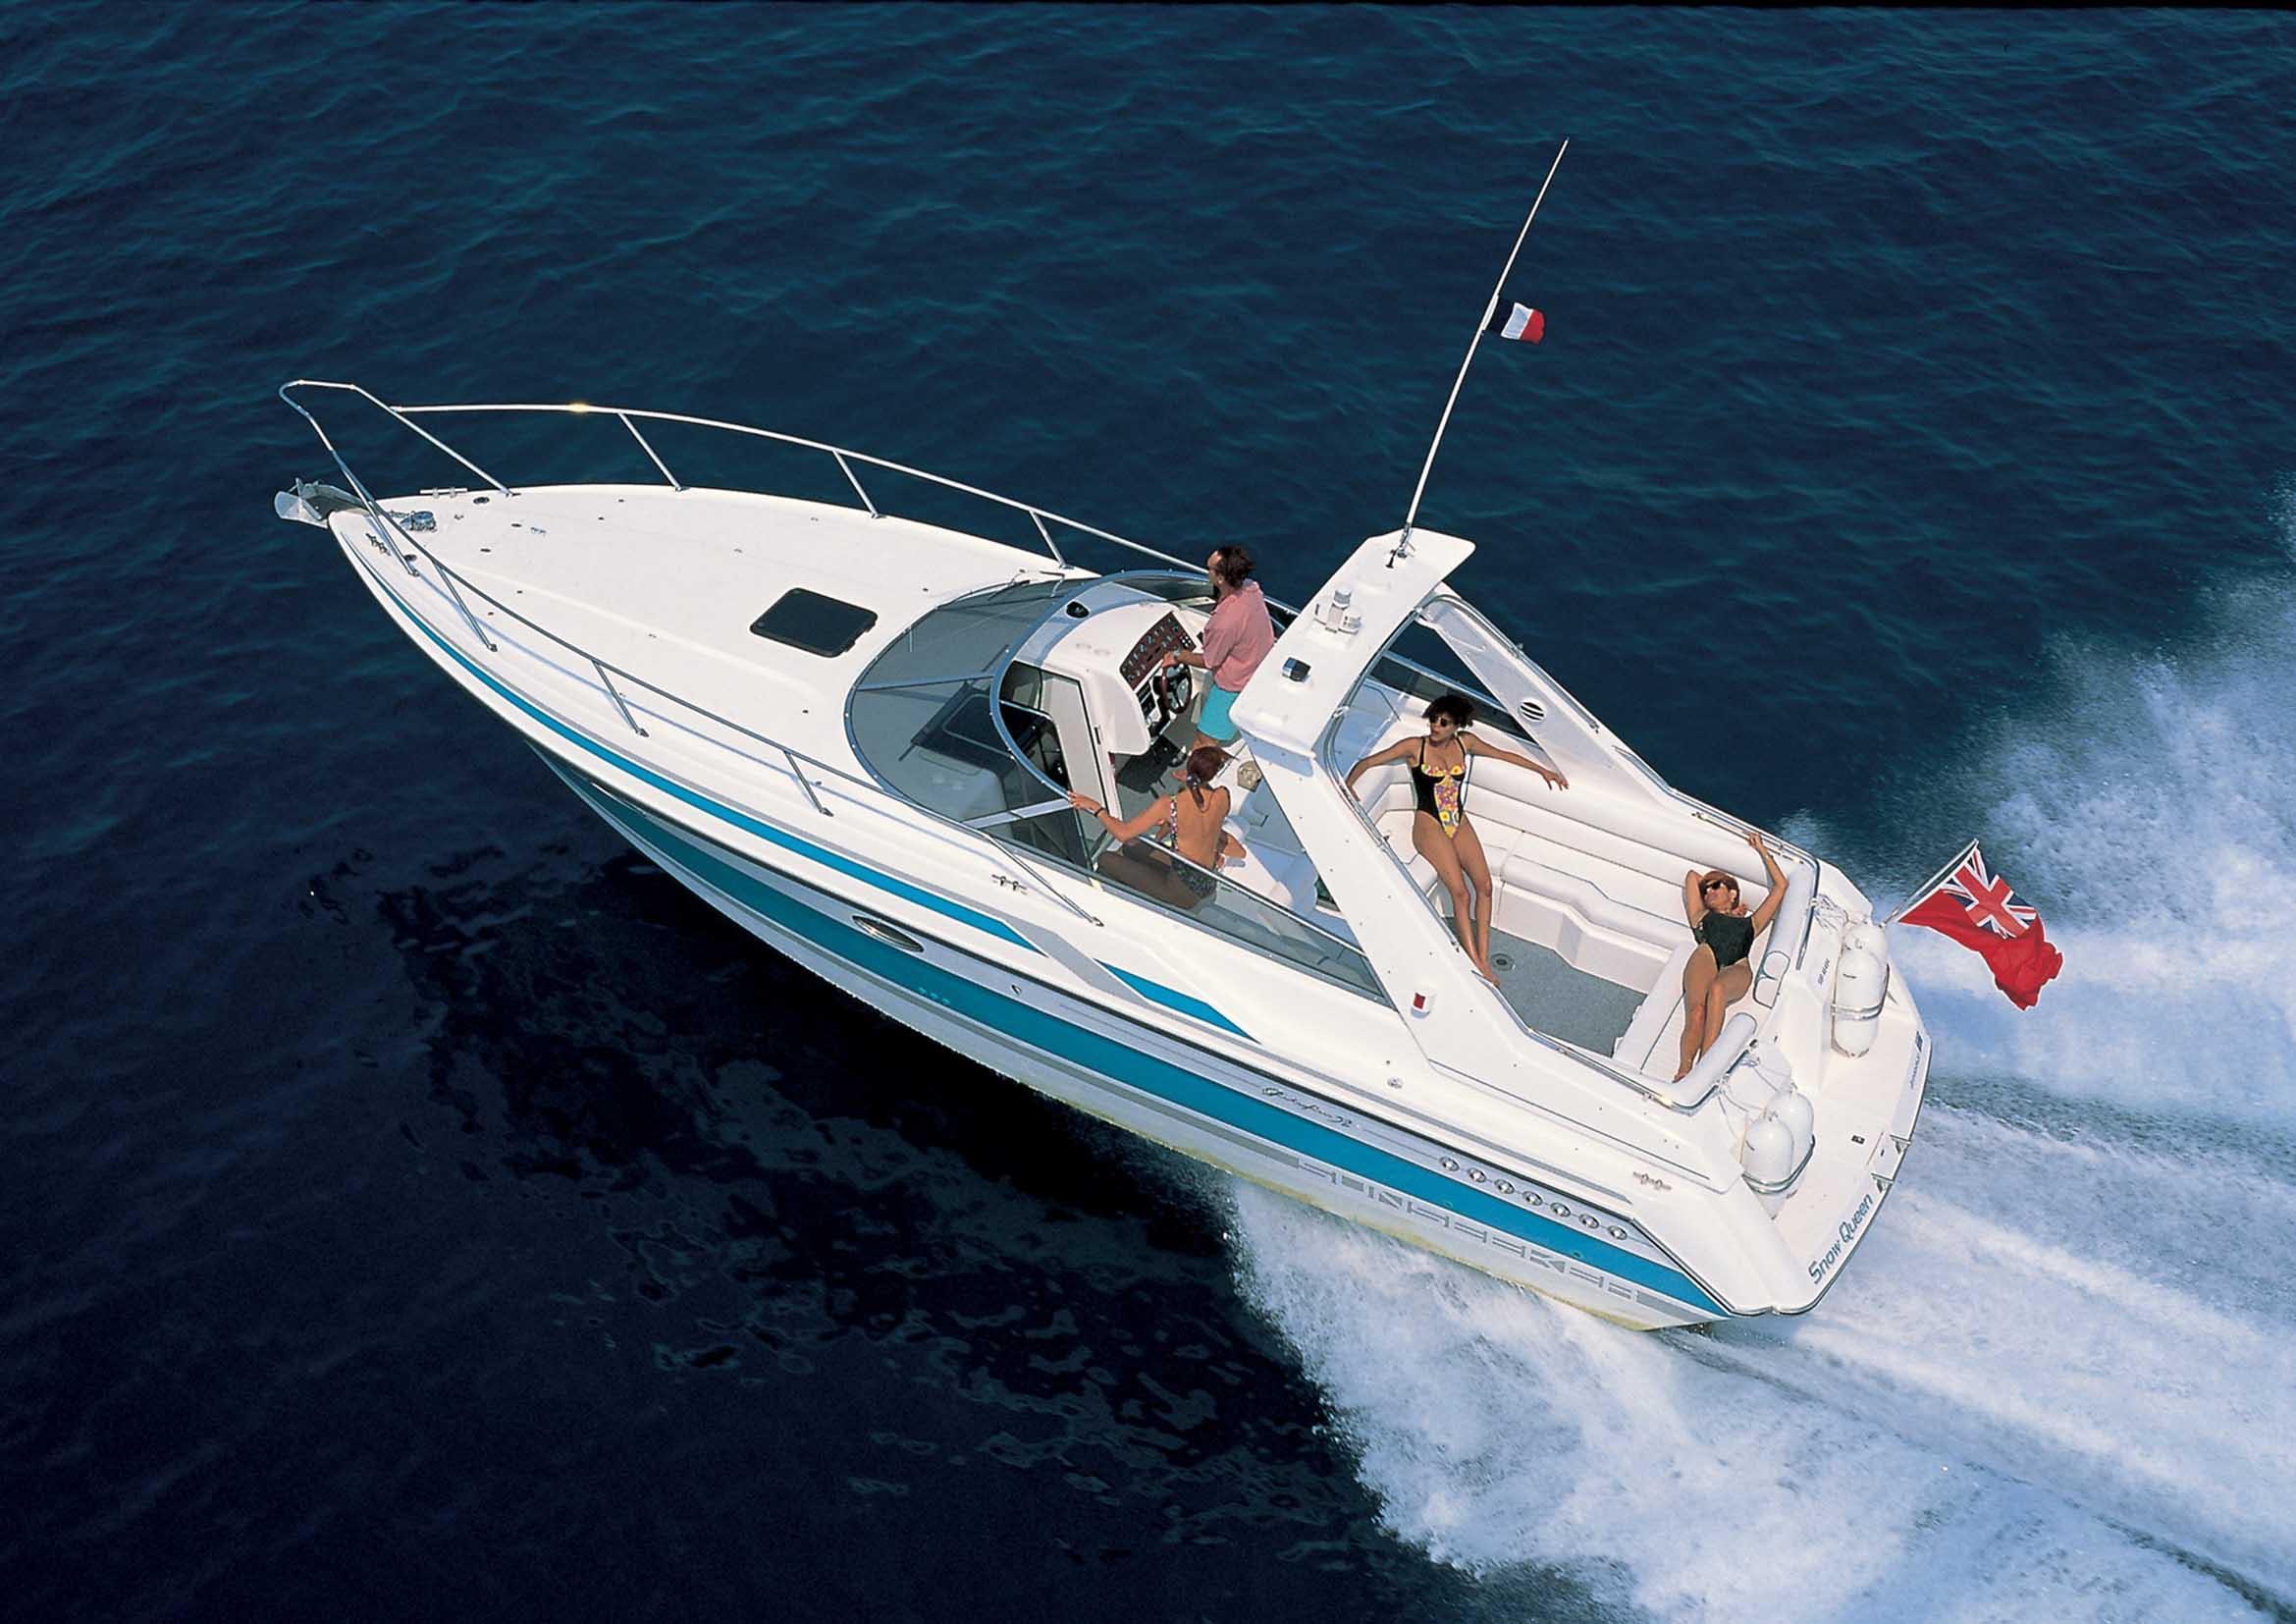 1992 Sunseeker Portofino 32 Power Boat For Sale Www